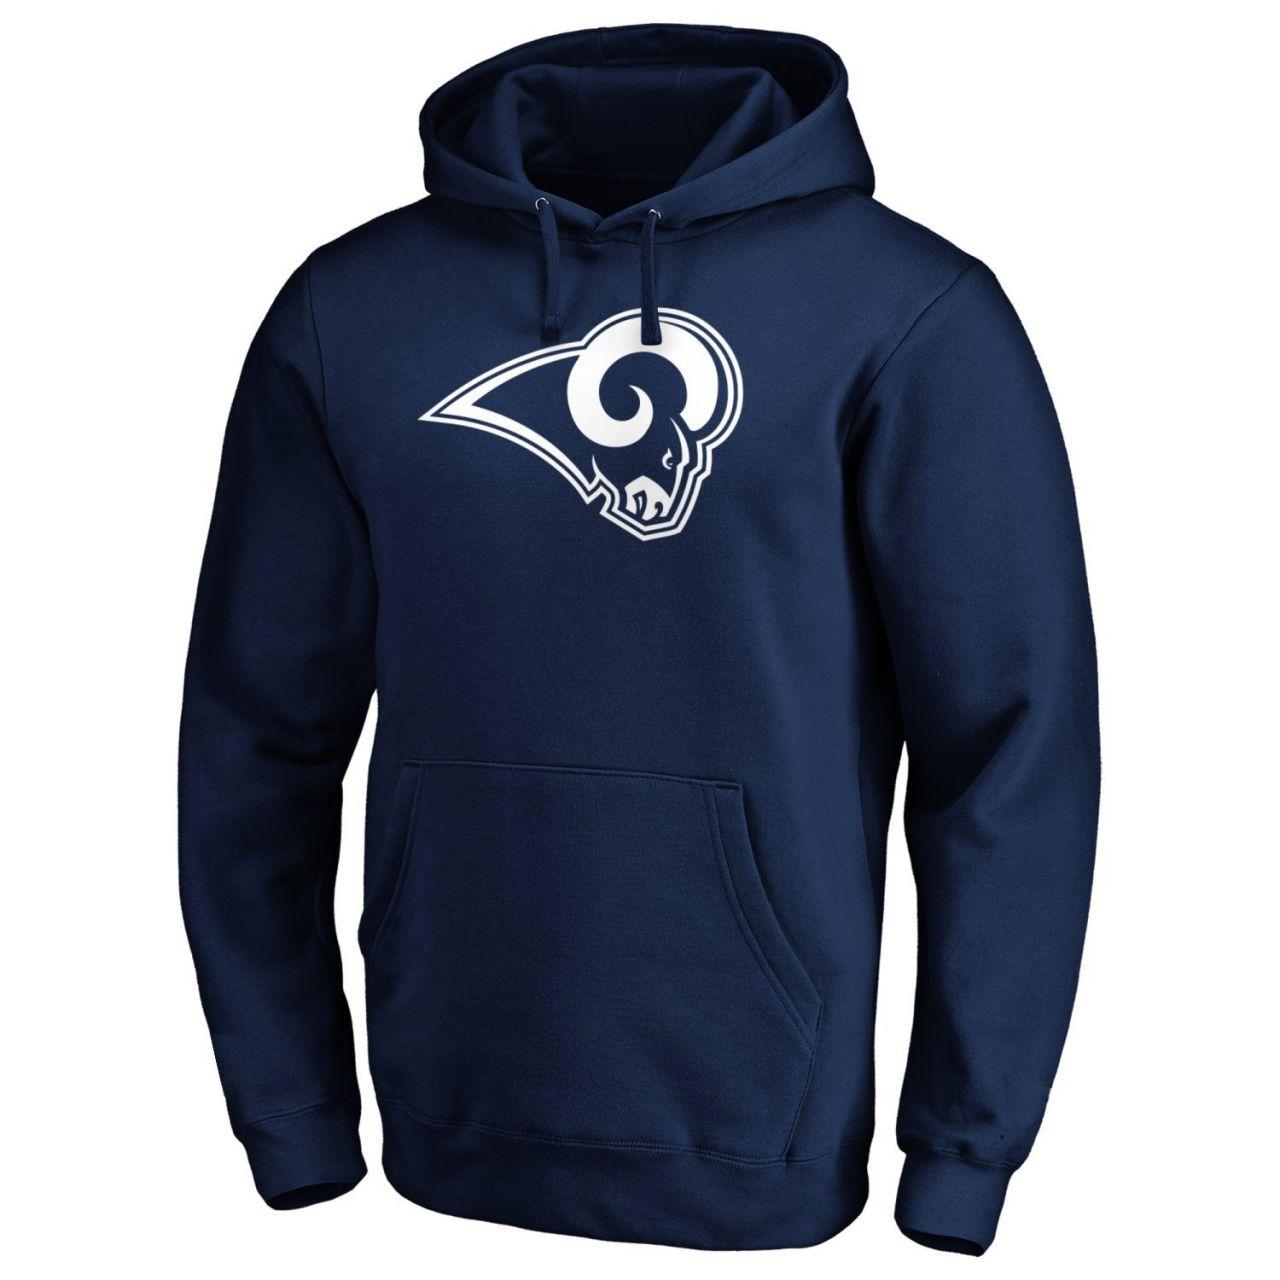 amfoo - Los Angeles Rams NFL Fan Hoody Iconic Logo navy